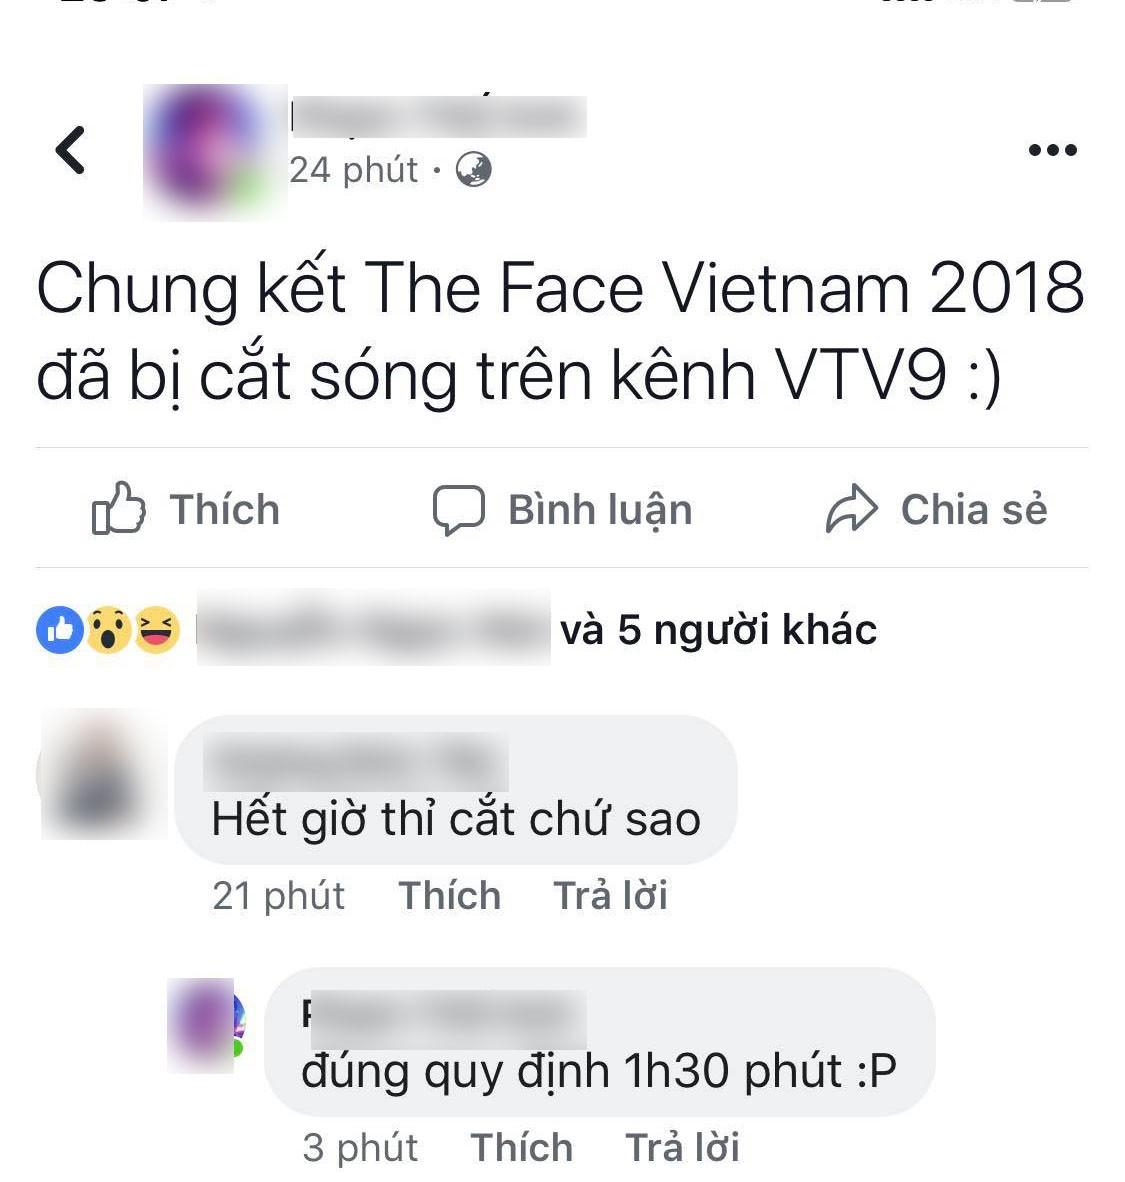 Chung kết The Face 2018 kéo dài lê thê đến lố giờ, bị cắt sóng trực tiếp dù chưa trao giải cho quán quân - Ảnh 4.